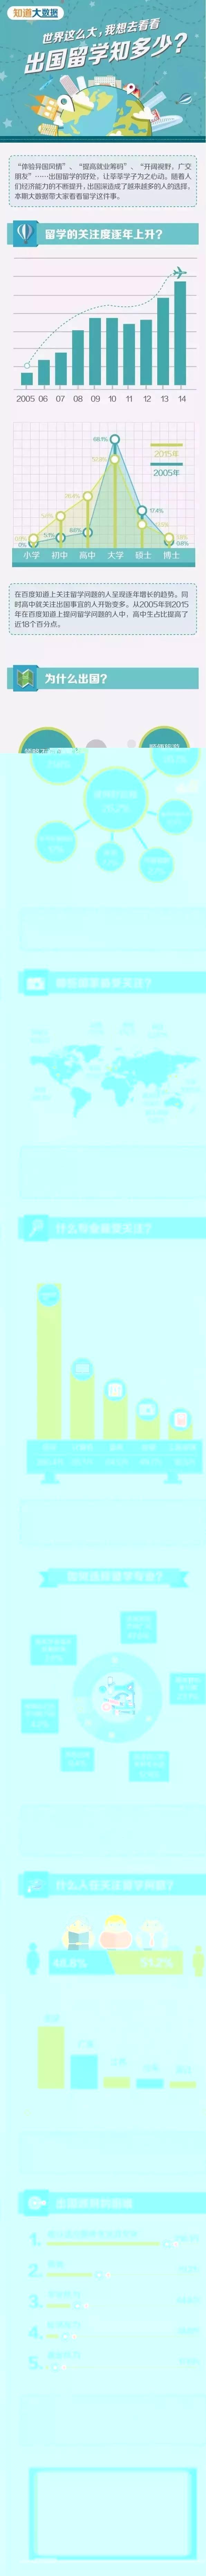 中国留学生大数据:关于出国留学你知道多少?